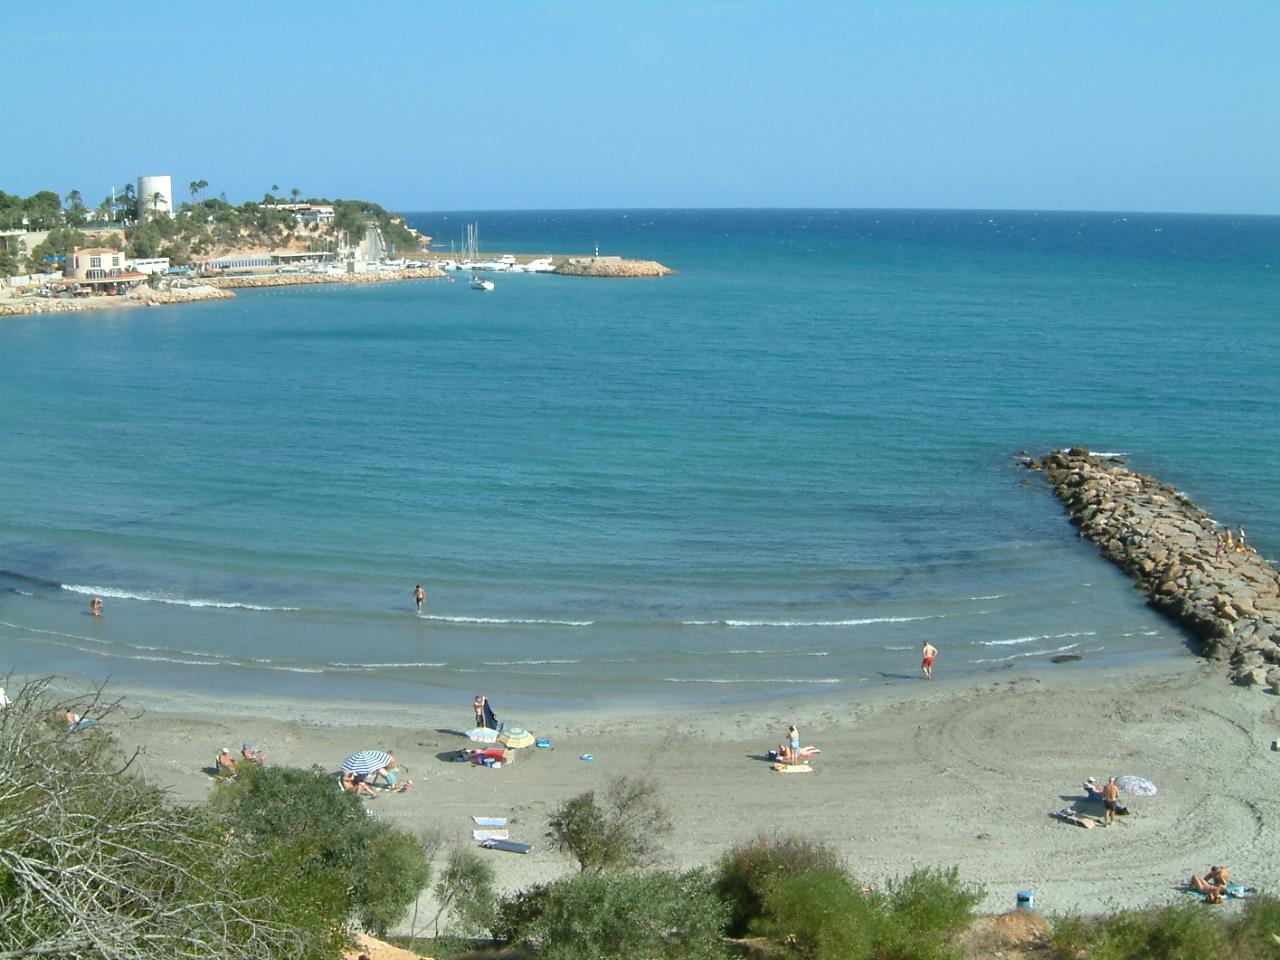 Playas de Orihuela Spain  city photos : orihuela es una ciudad que pertenece al municipio de la provincia de ...